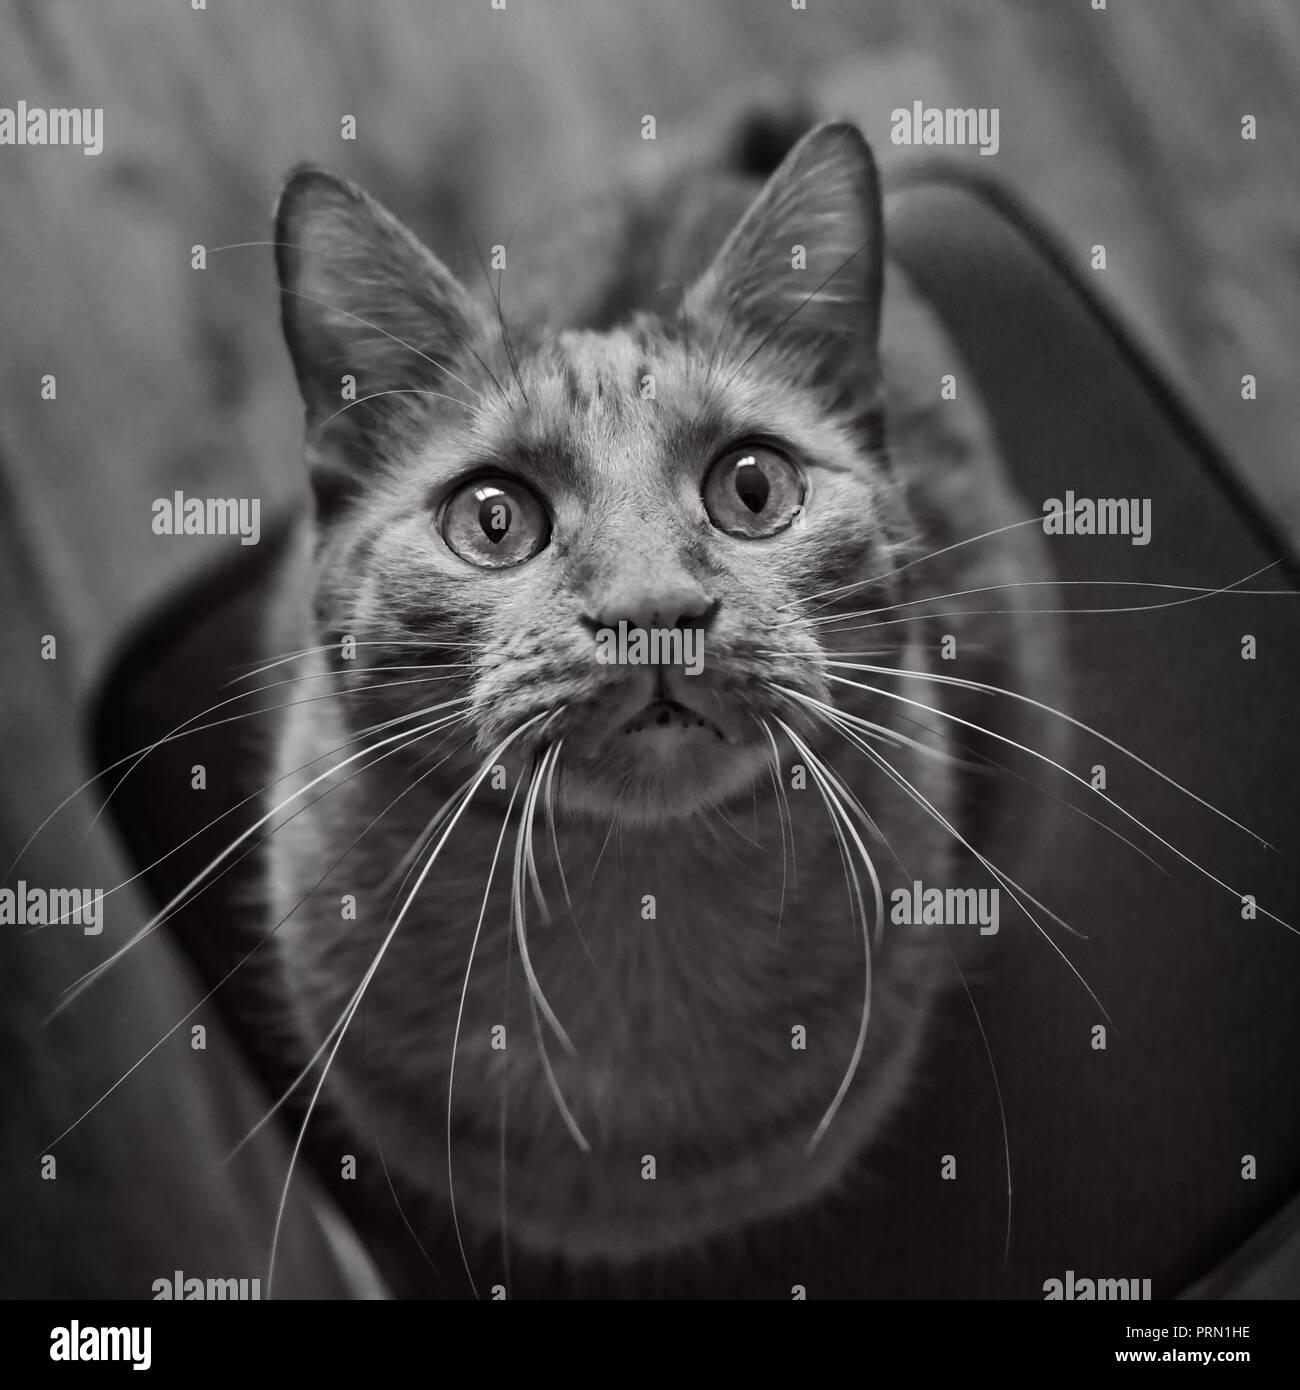 Cute cat à curieux jusqu'à l'appareil photo. Portrait noir et blanc. Photo Stock